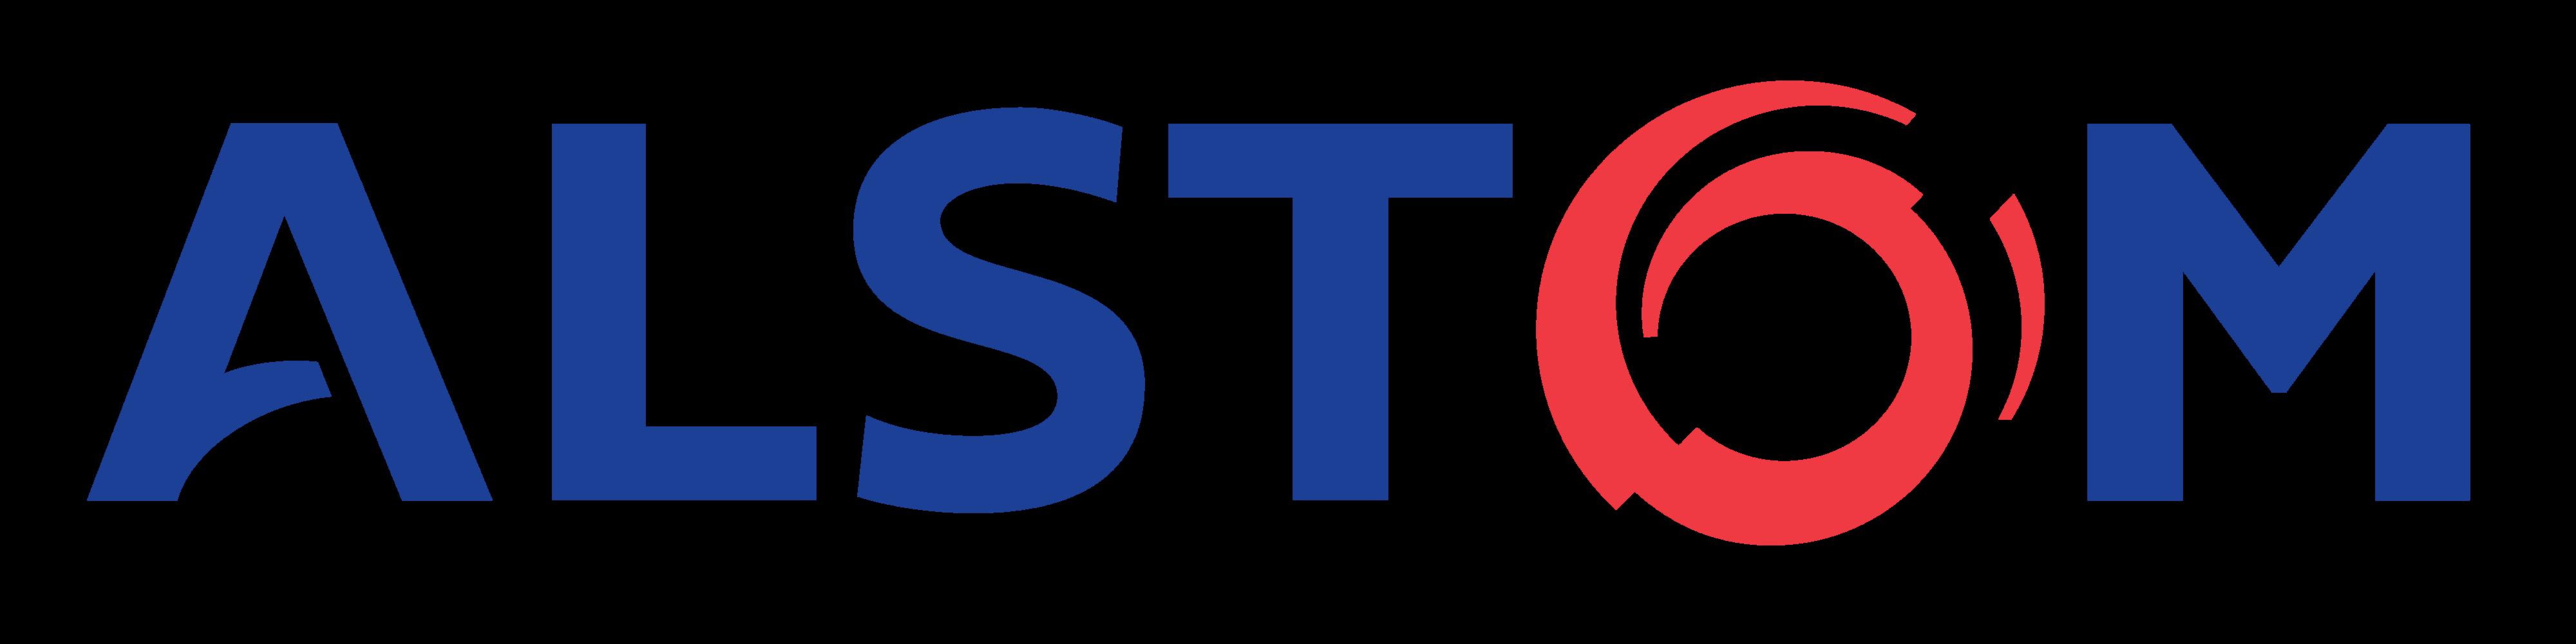 Red and blue Alstom logo